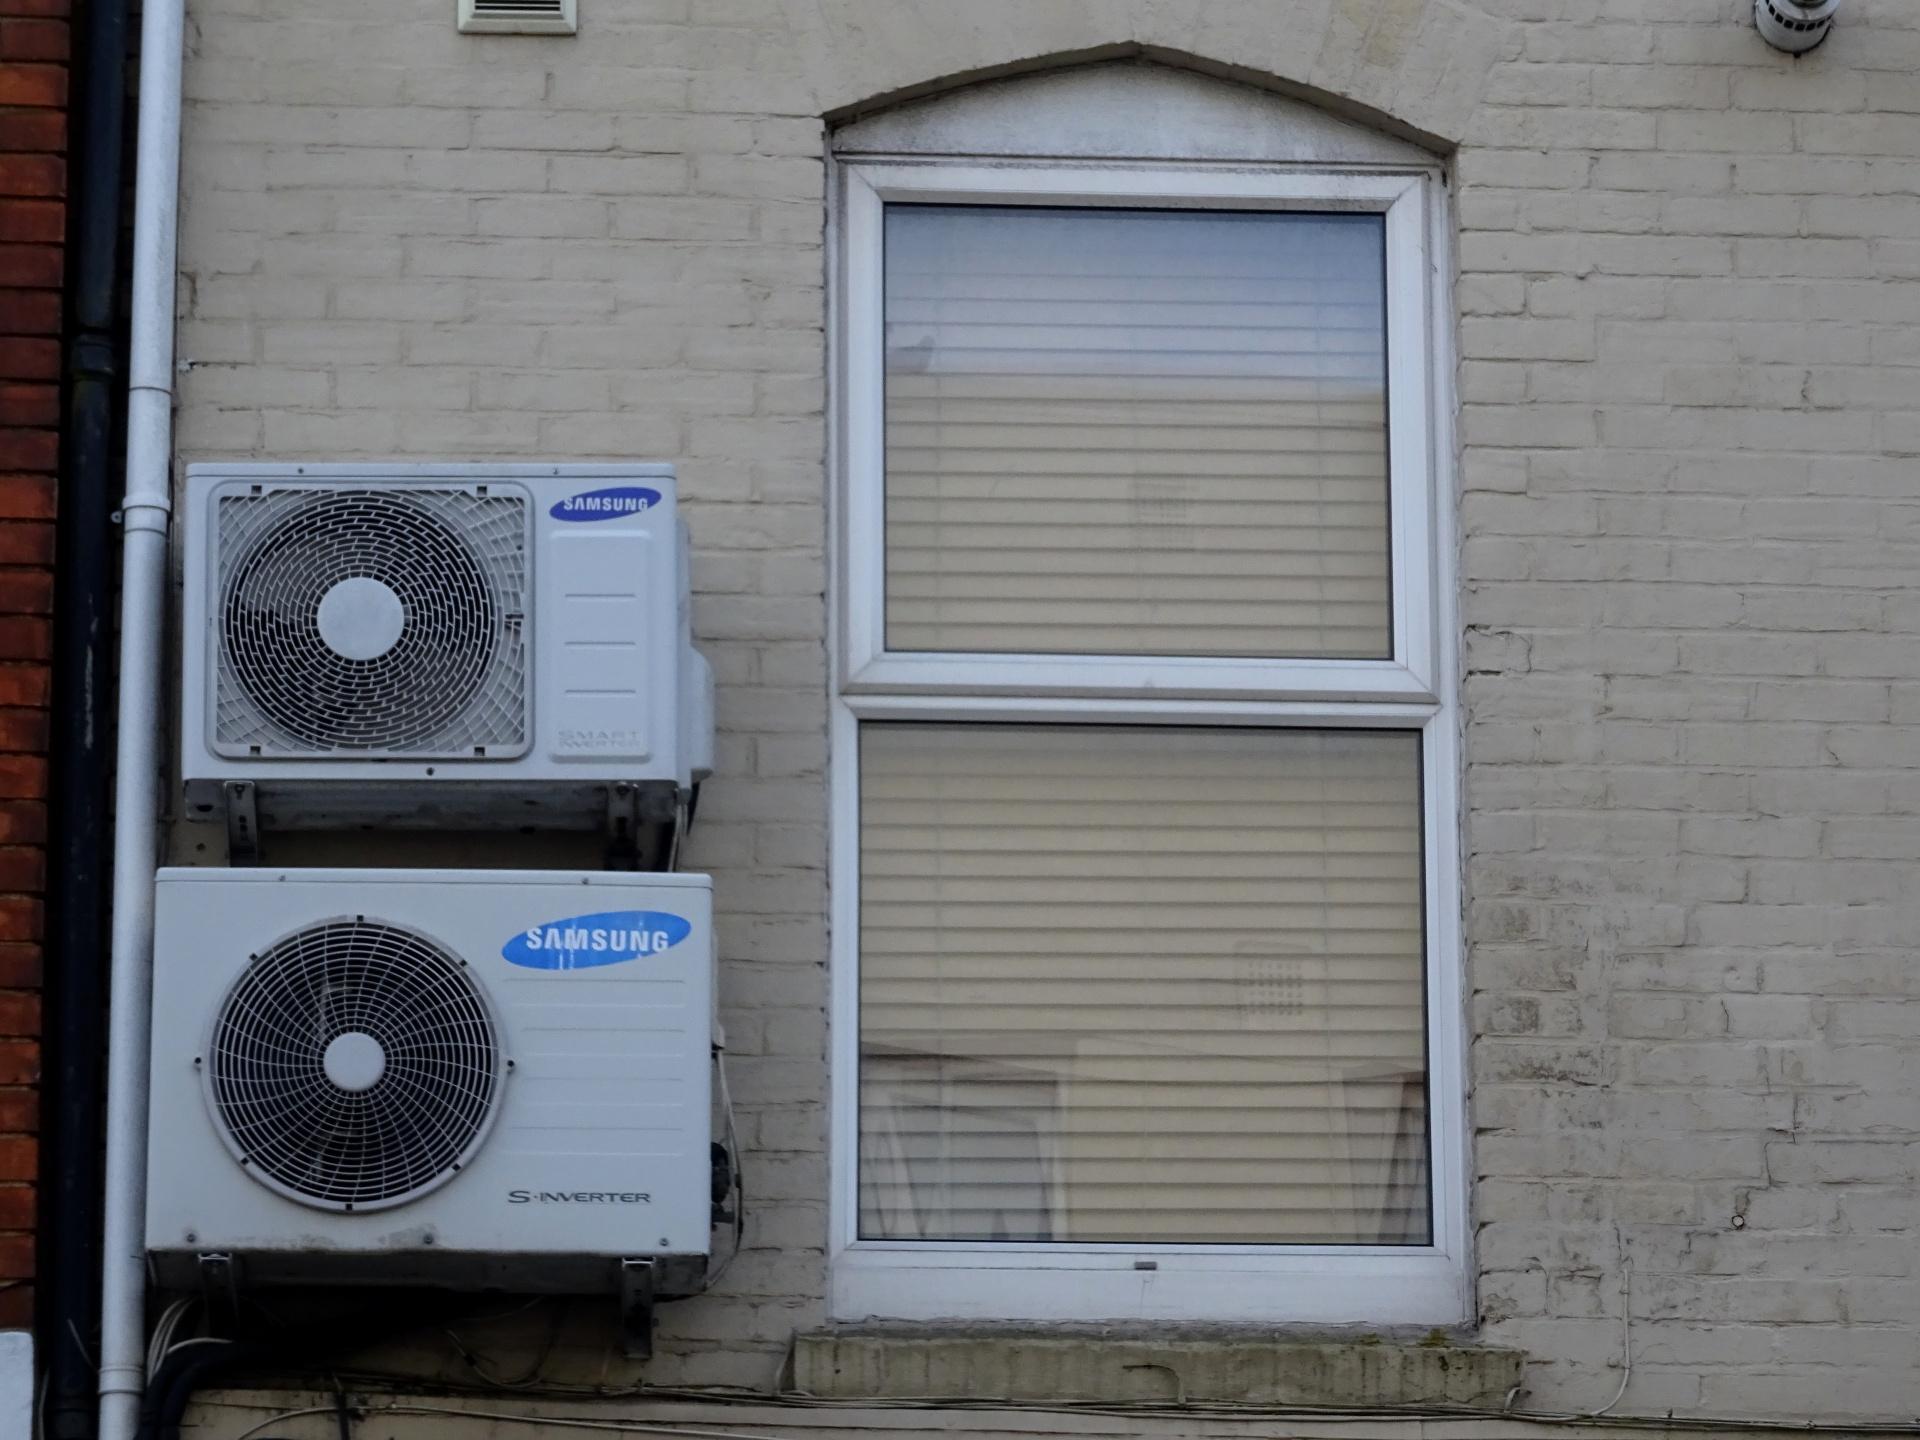 Full Size of Fenster Klimaanlage Schlauch Klimaanlagen Abdichten Adapter Einbauen Kaufen 120x120 Obi Veka Fliegengitter Für Landhaus Absturzsicherung Einbruchschutz Wohnzimmer Fenster Klimaanlage